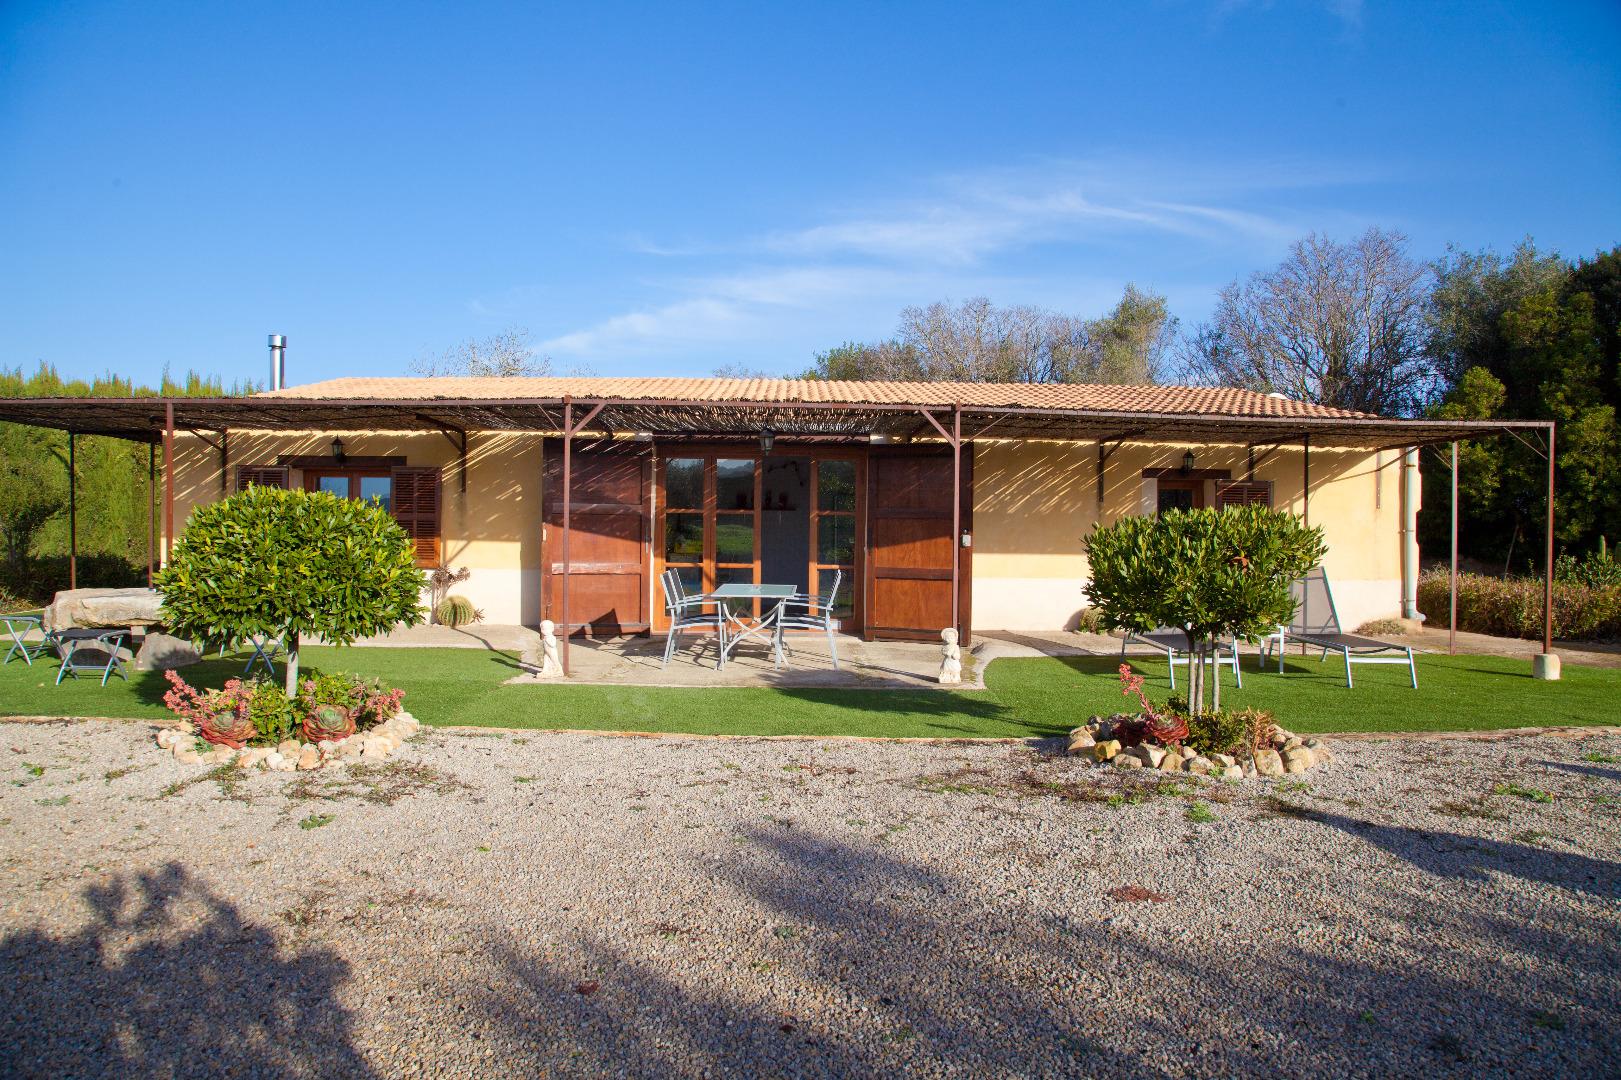 Miete Haus  Carrer del sol. Bonita y acodedora casa rural en petra para dos personas